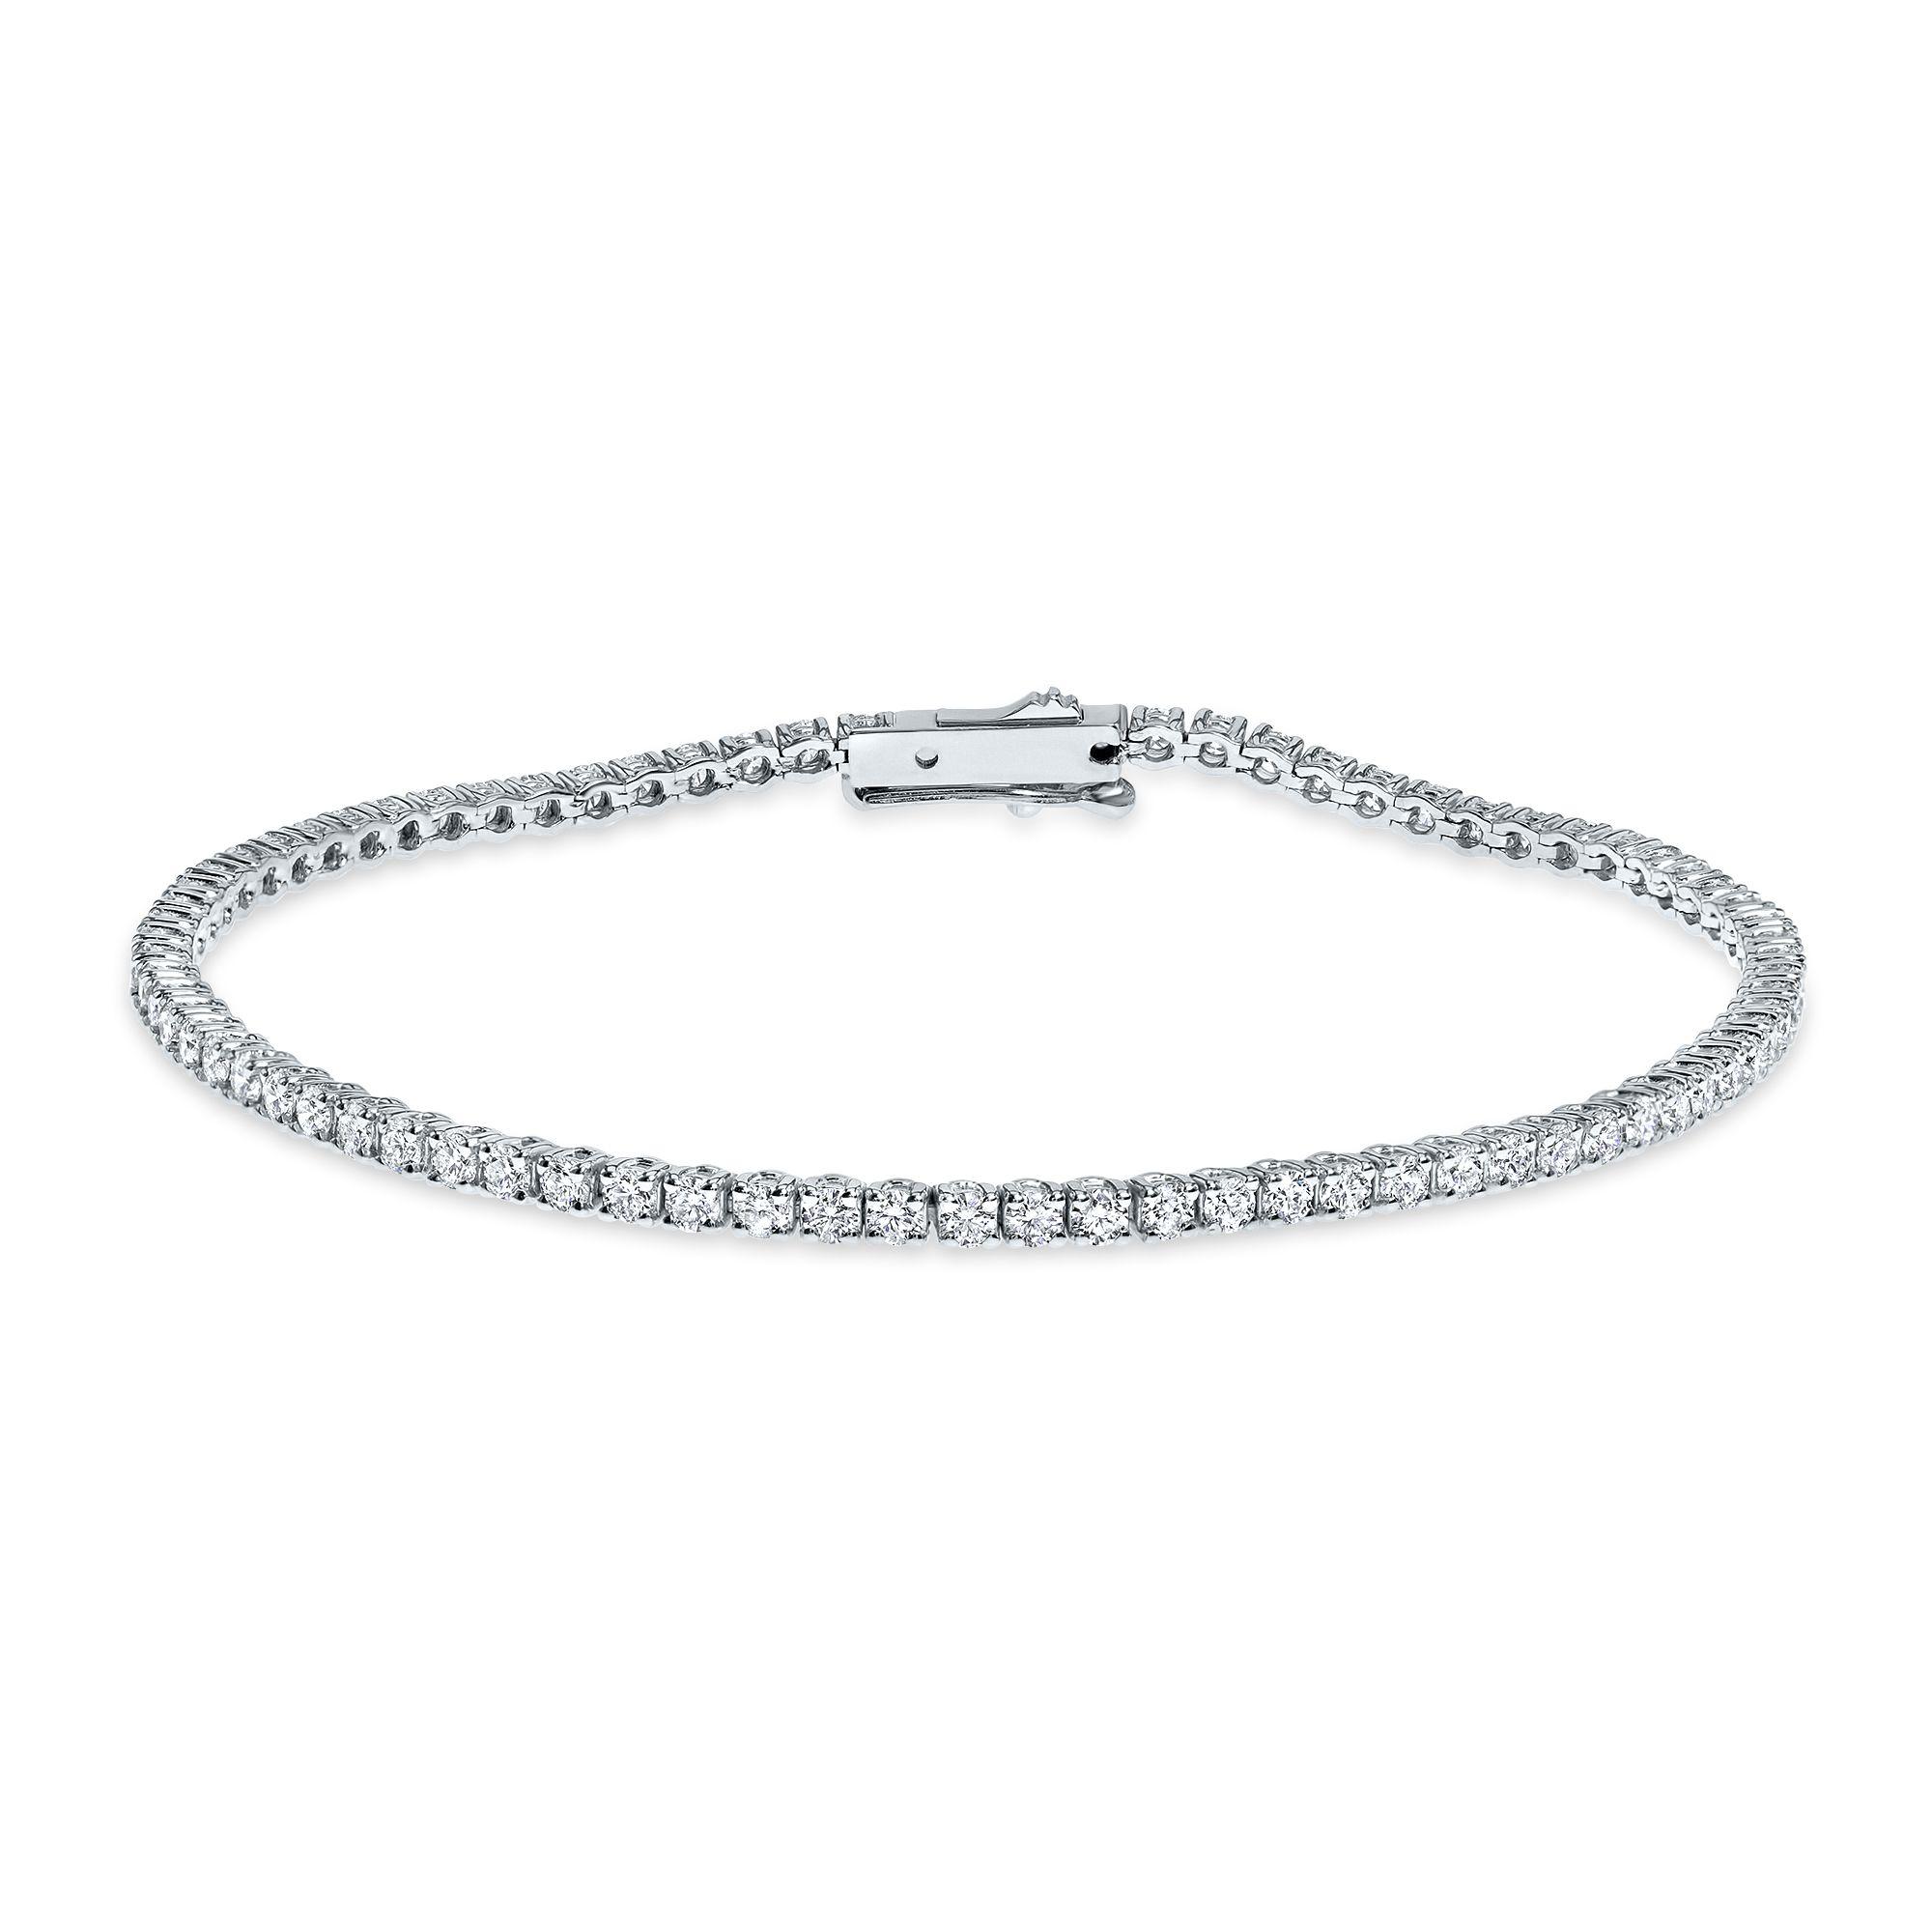 2.50 carat, Tennis Bracelet, G-H color, 6.20gr. 14K